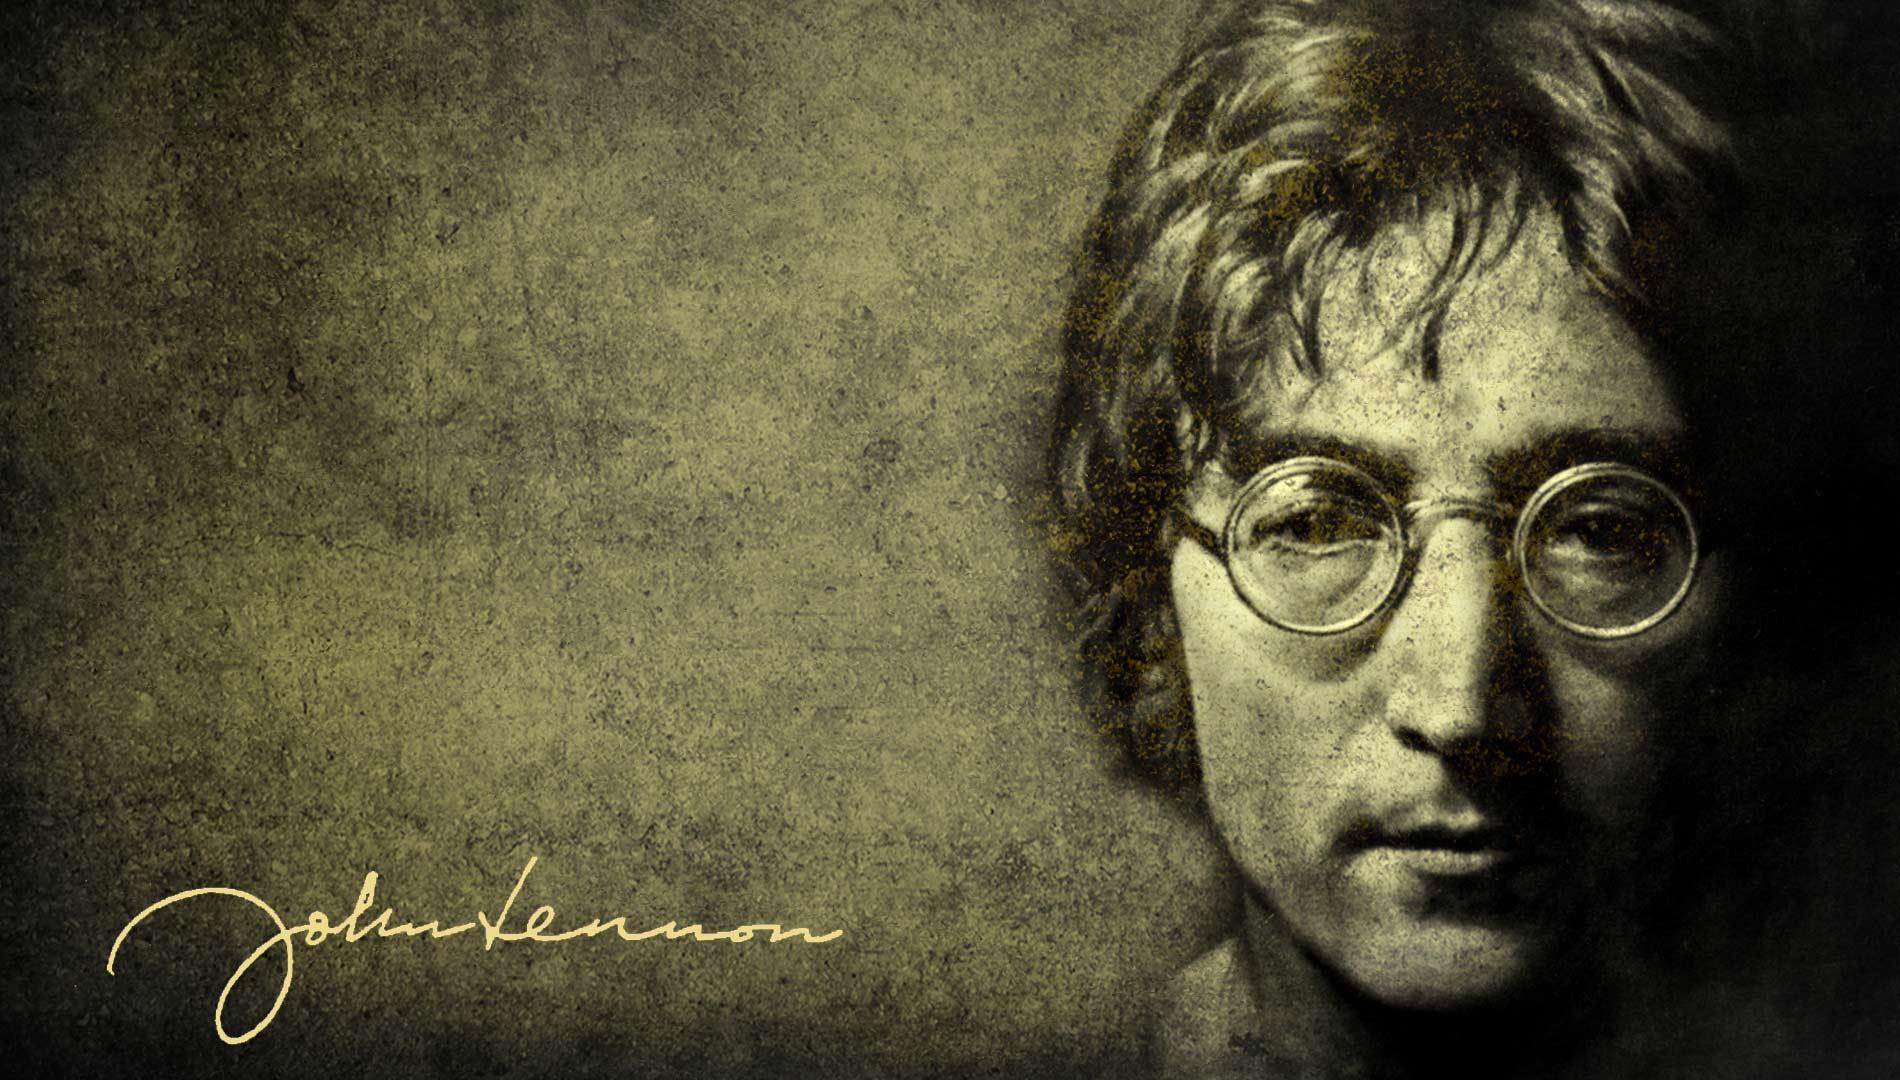 John Lennon Google Cover